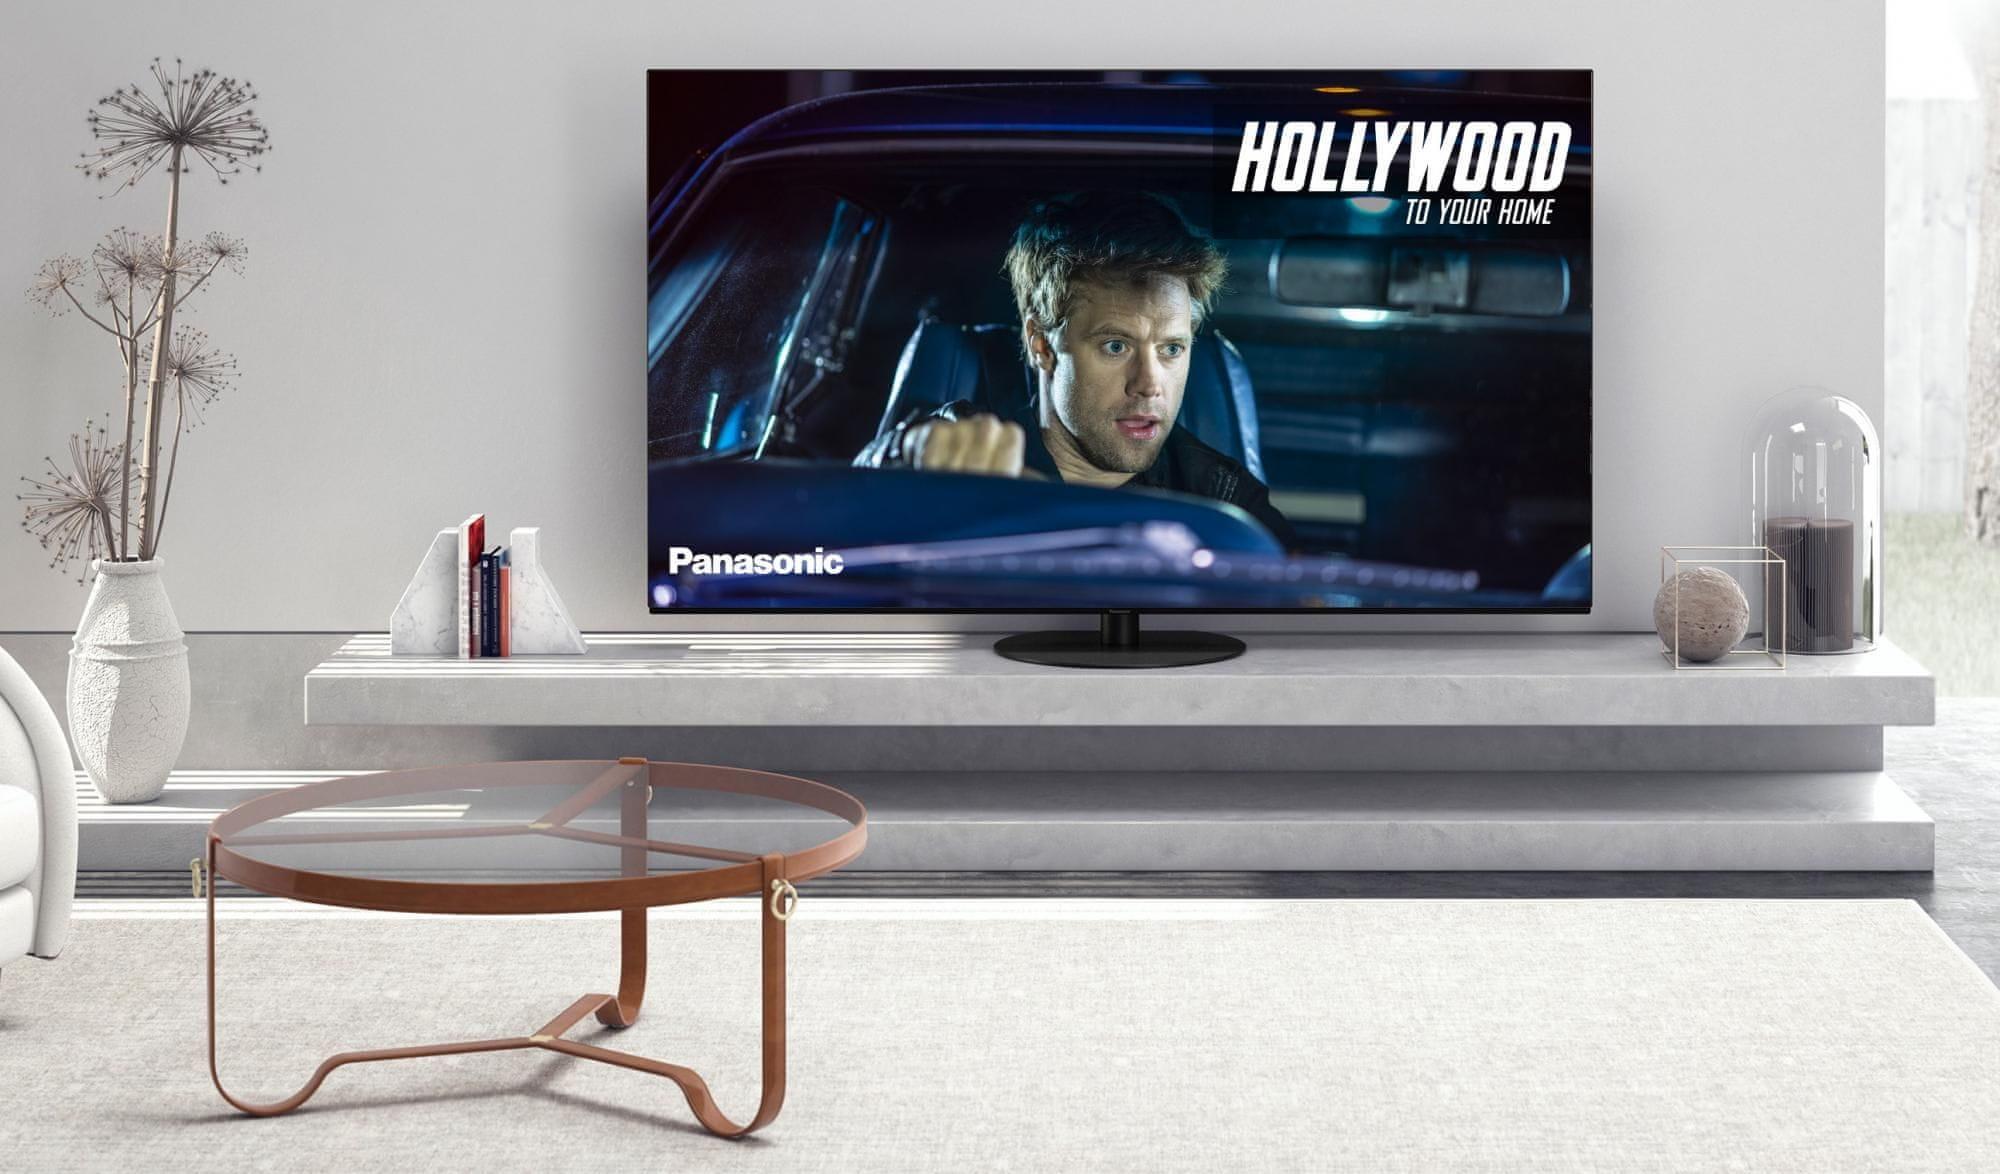 Panasonic OLED tv telewizor 2020